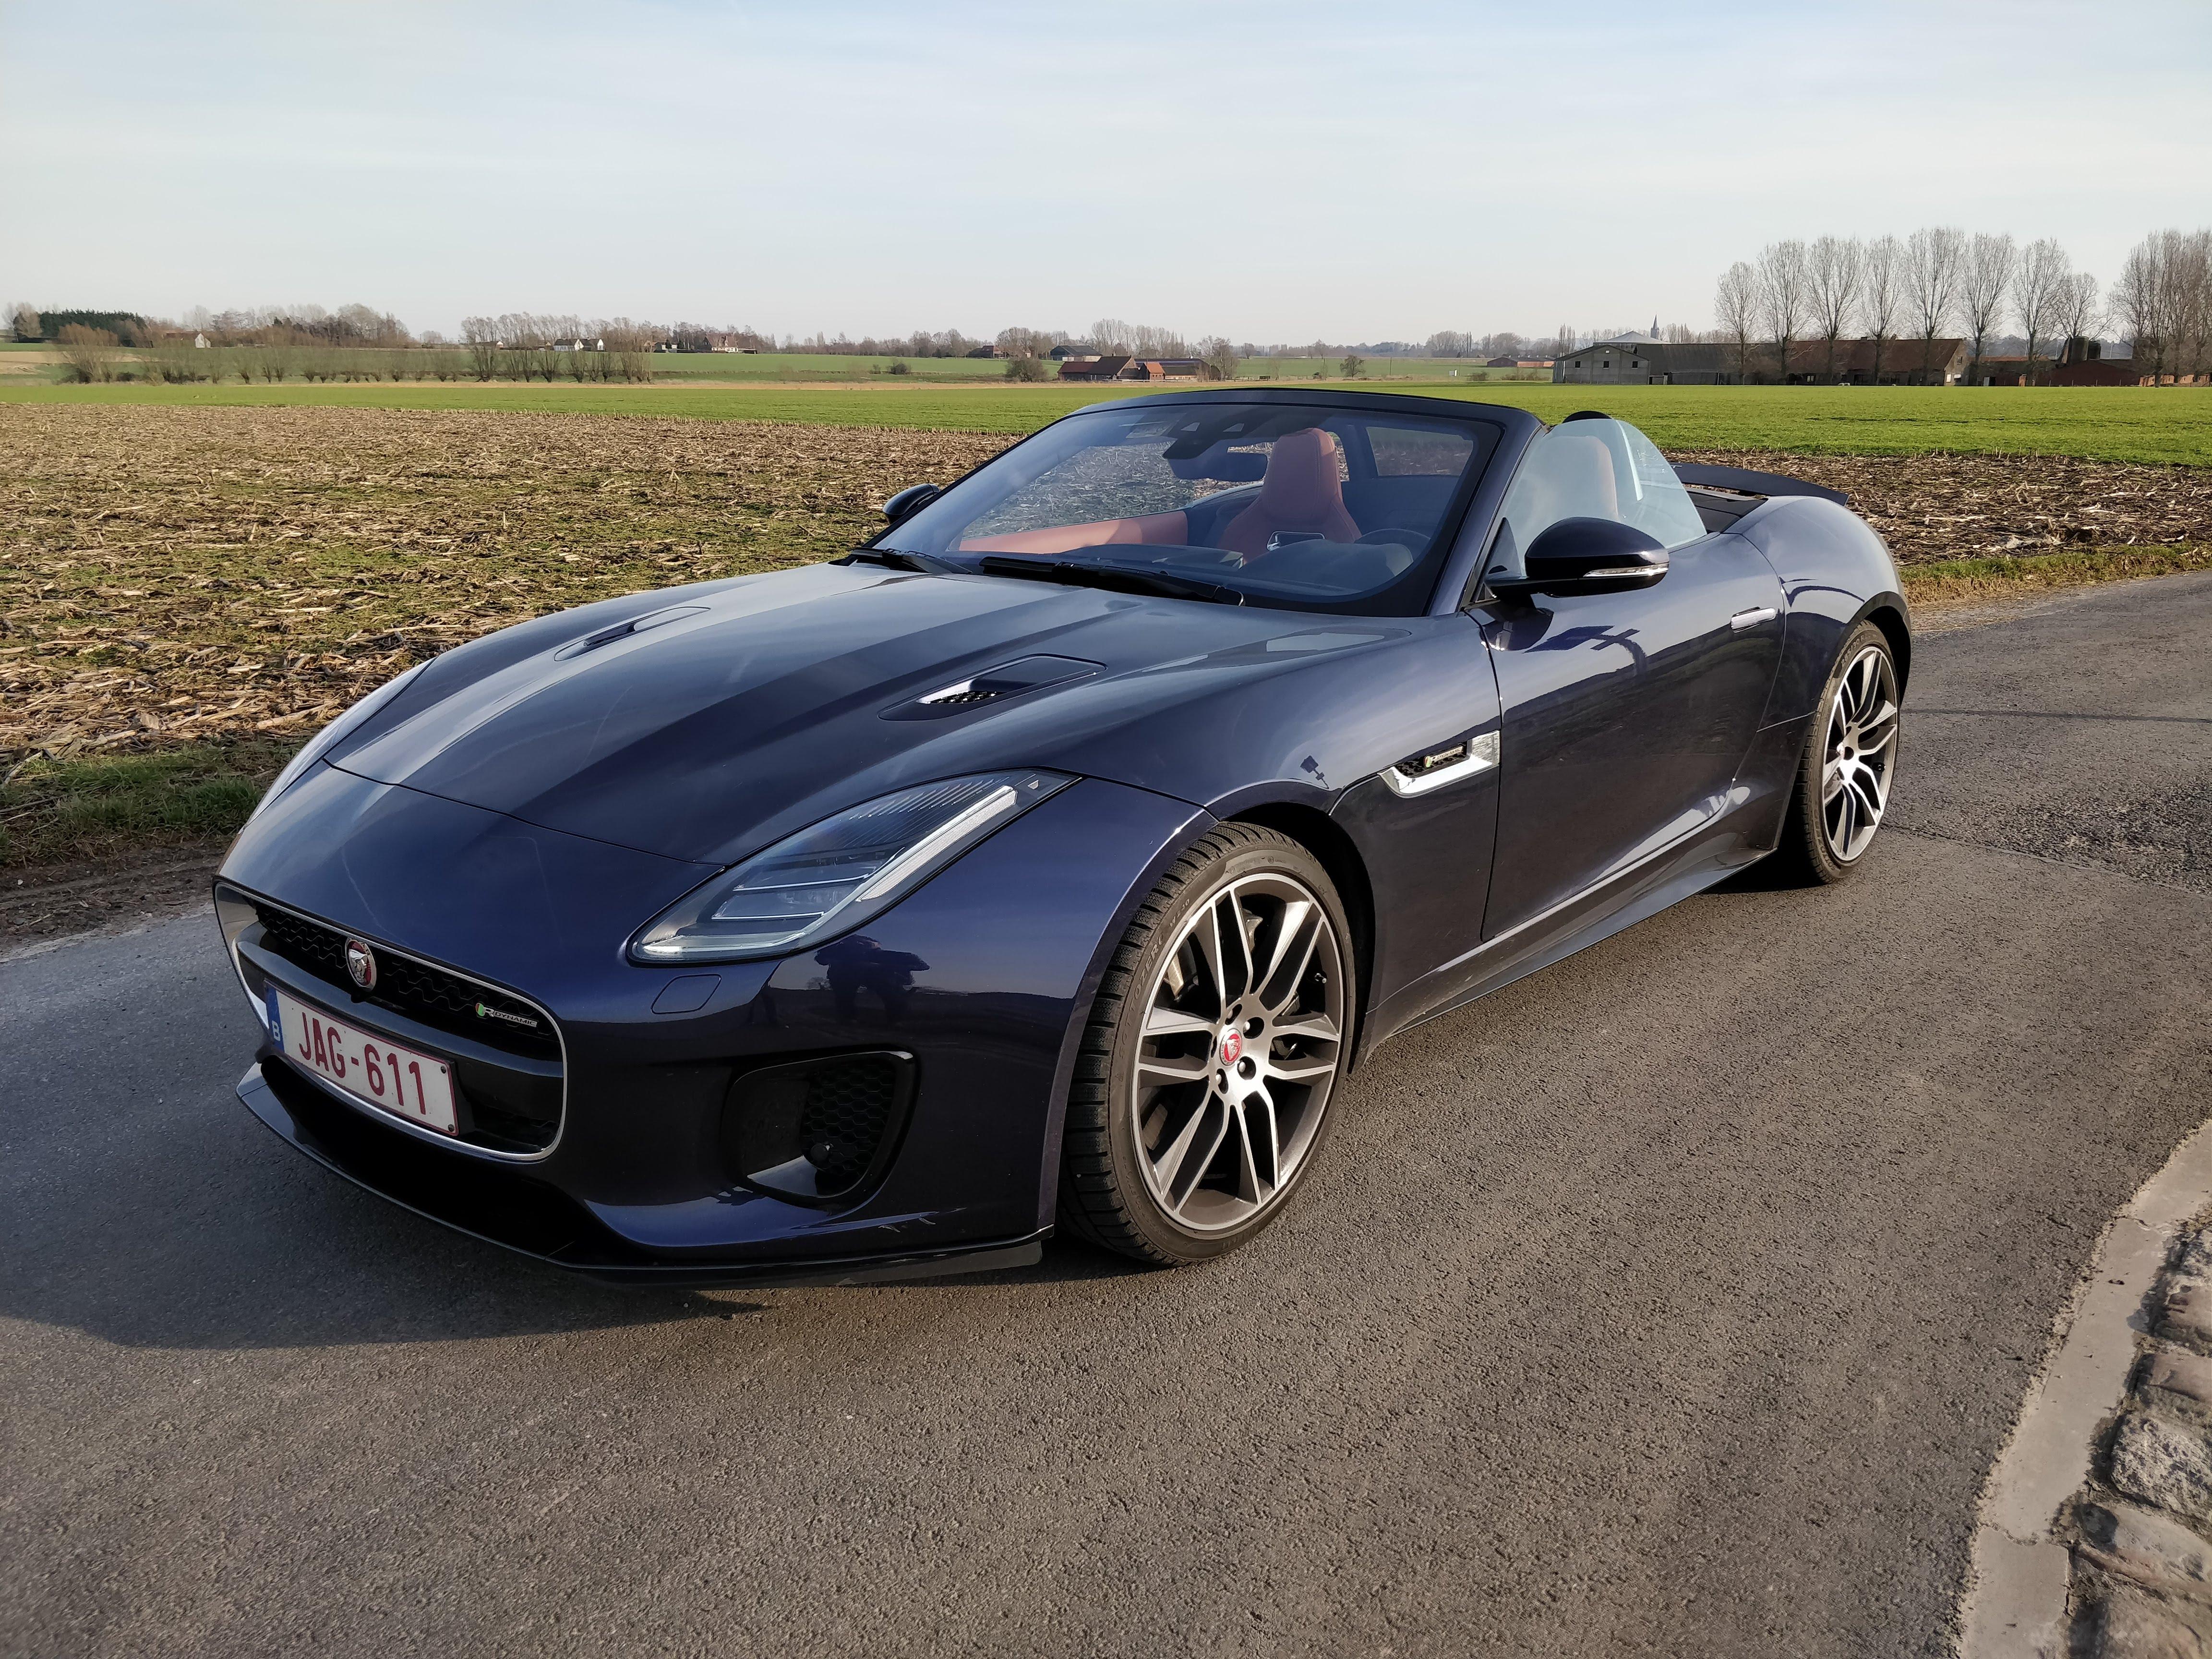 Jaguar F-Type cabriolet: 5 choses qu'on aime (beaucoup) et 4 qu'on aime moins.